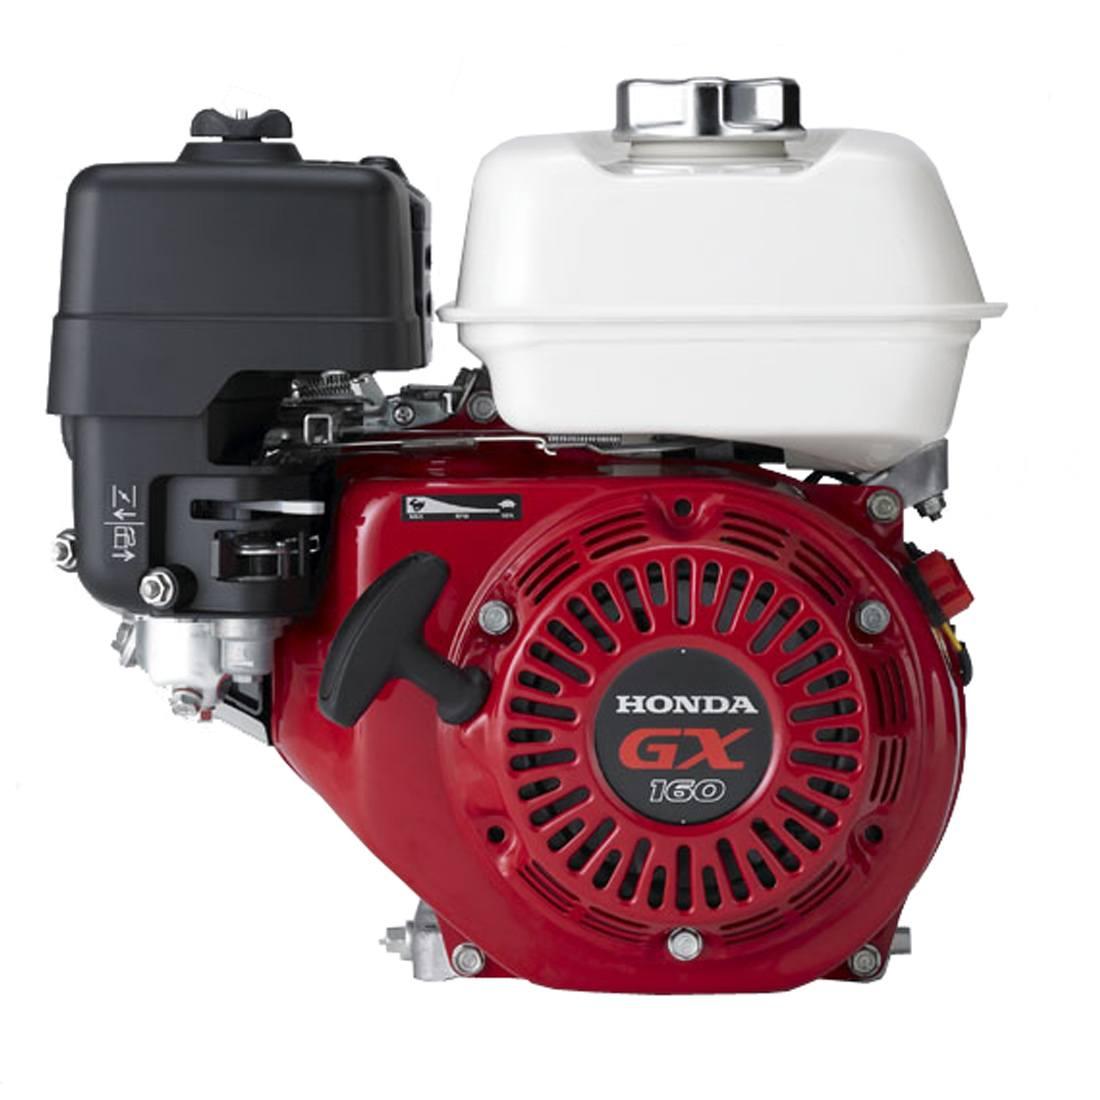 GX160H1-VSP. Двигатель бензиновый Honda GX 160 VSP